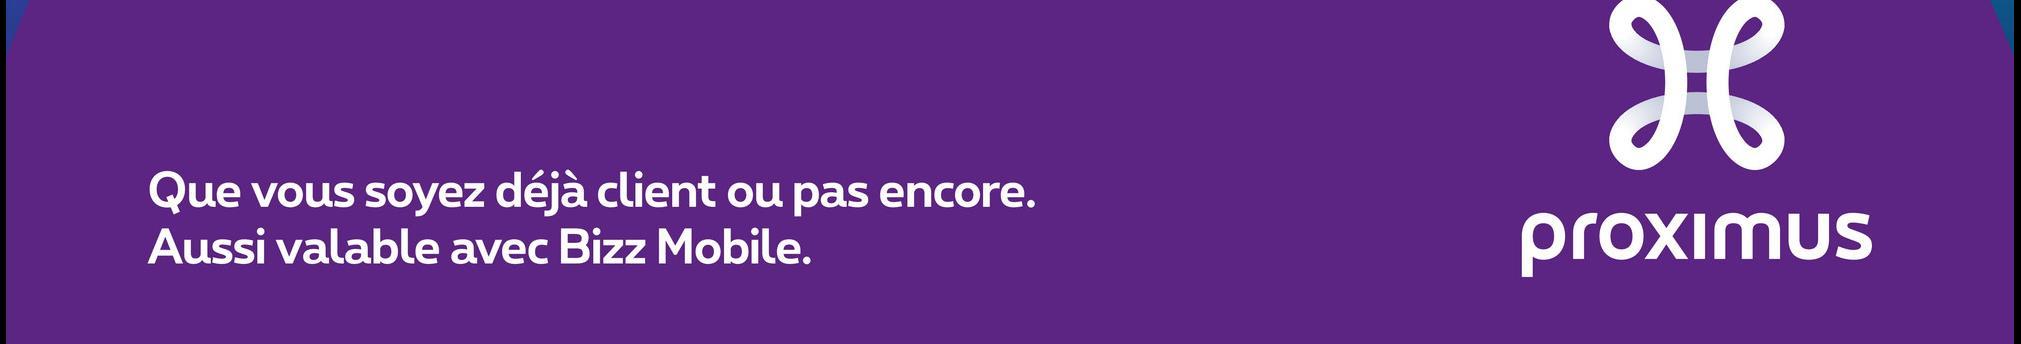 H 8 Que vous soyez déjà client ou pas encore. Aussi valable avec Bizz Mobile. proximus